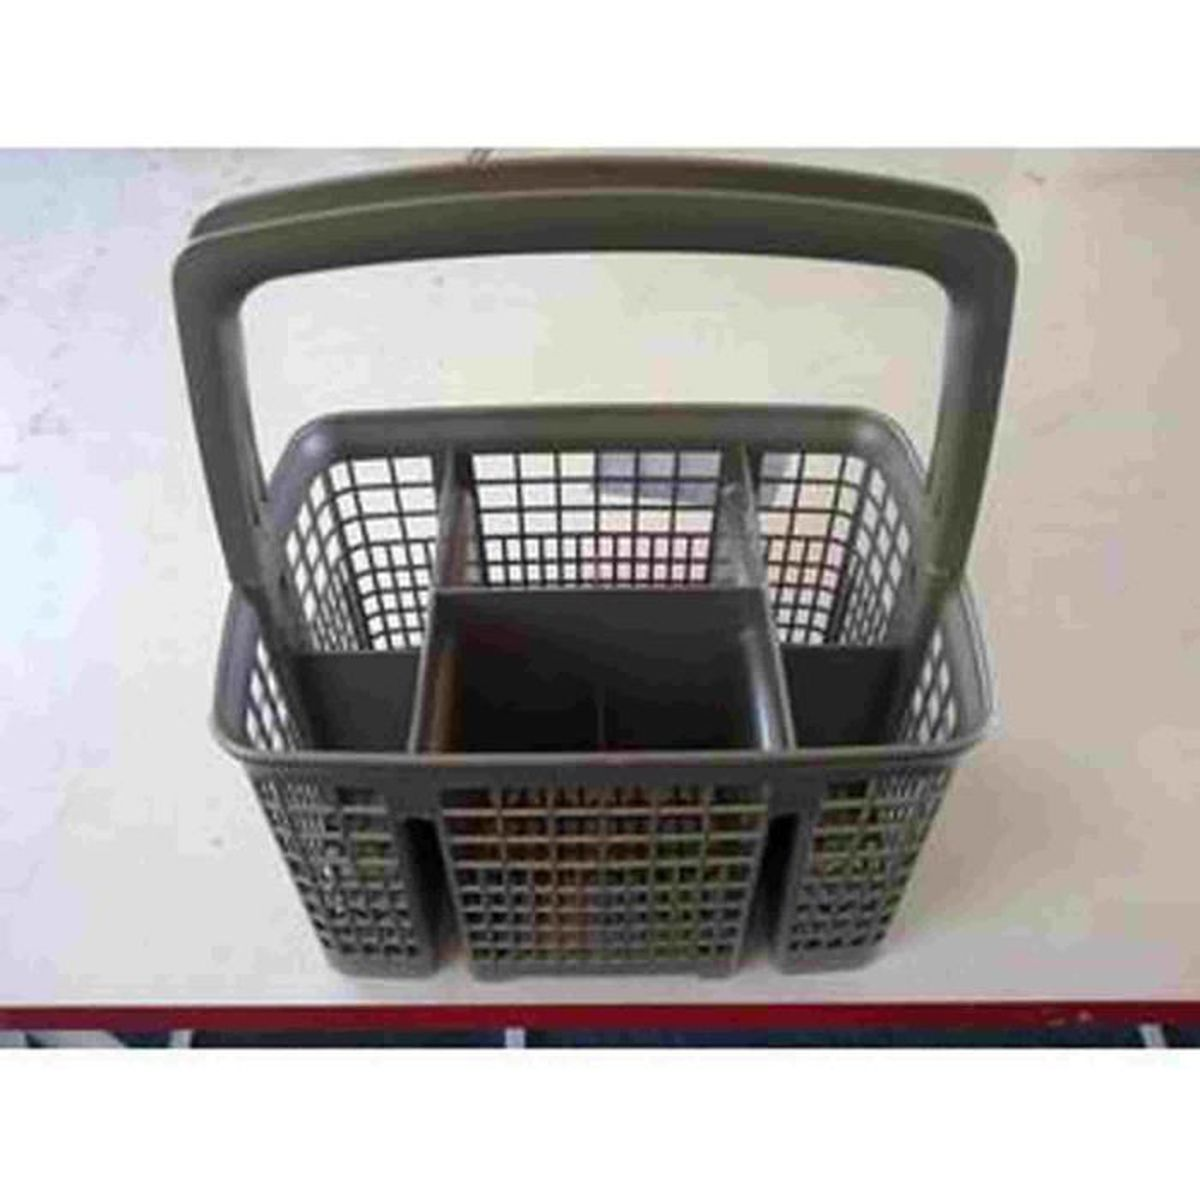 panier a couvert pour lave vaisselle brandt achat vente panier a couvert pour lave vaisselle. Black Bedroom Furniture Sets. Home Design Ideas